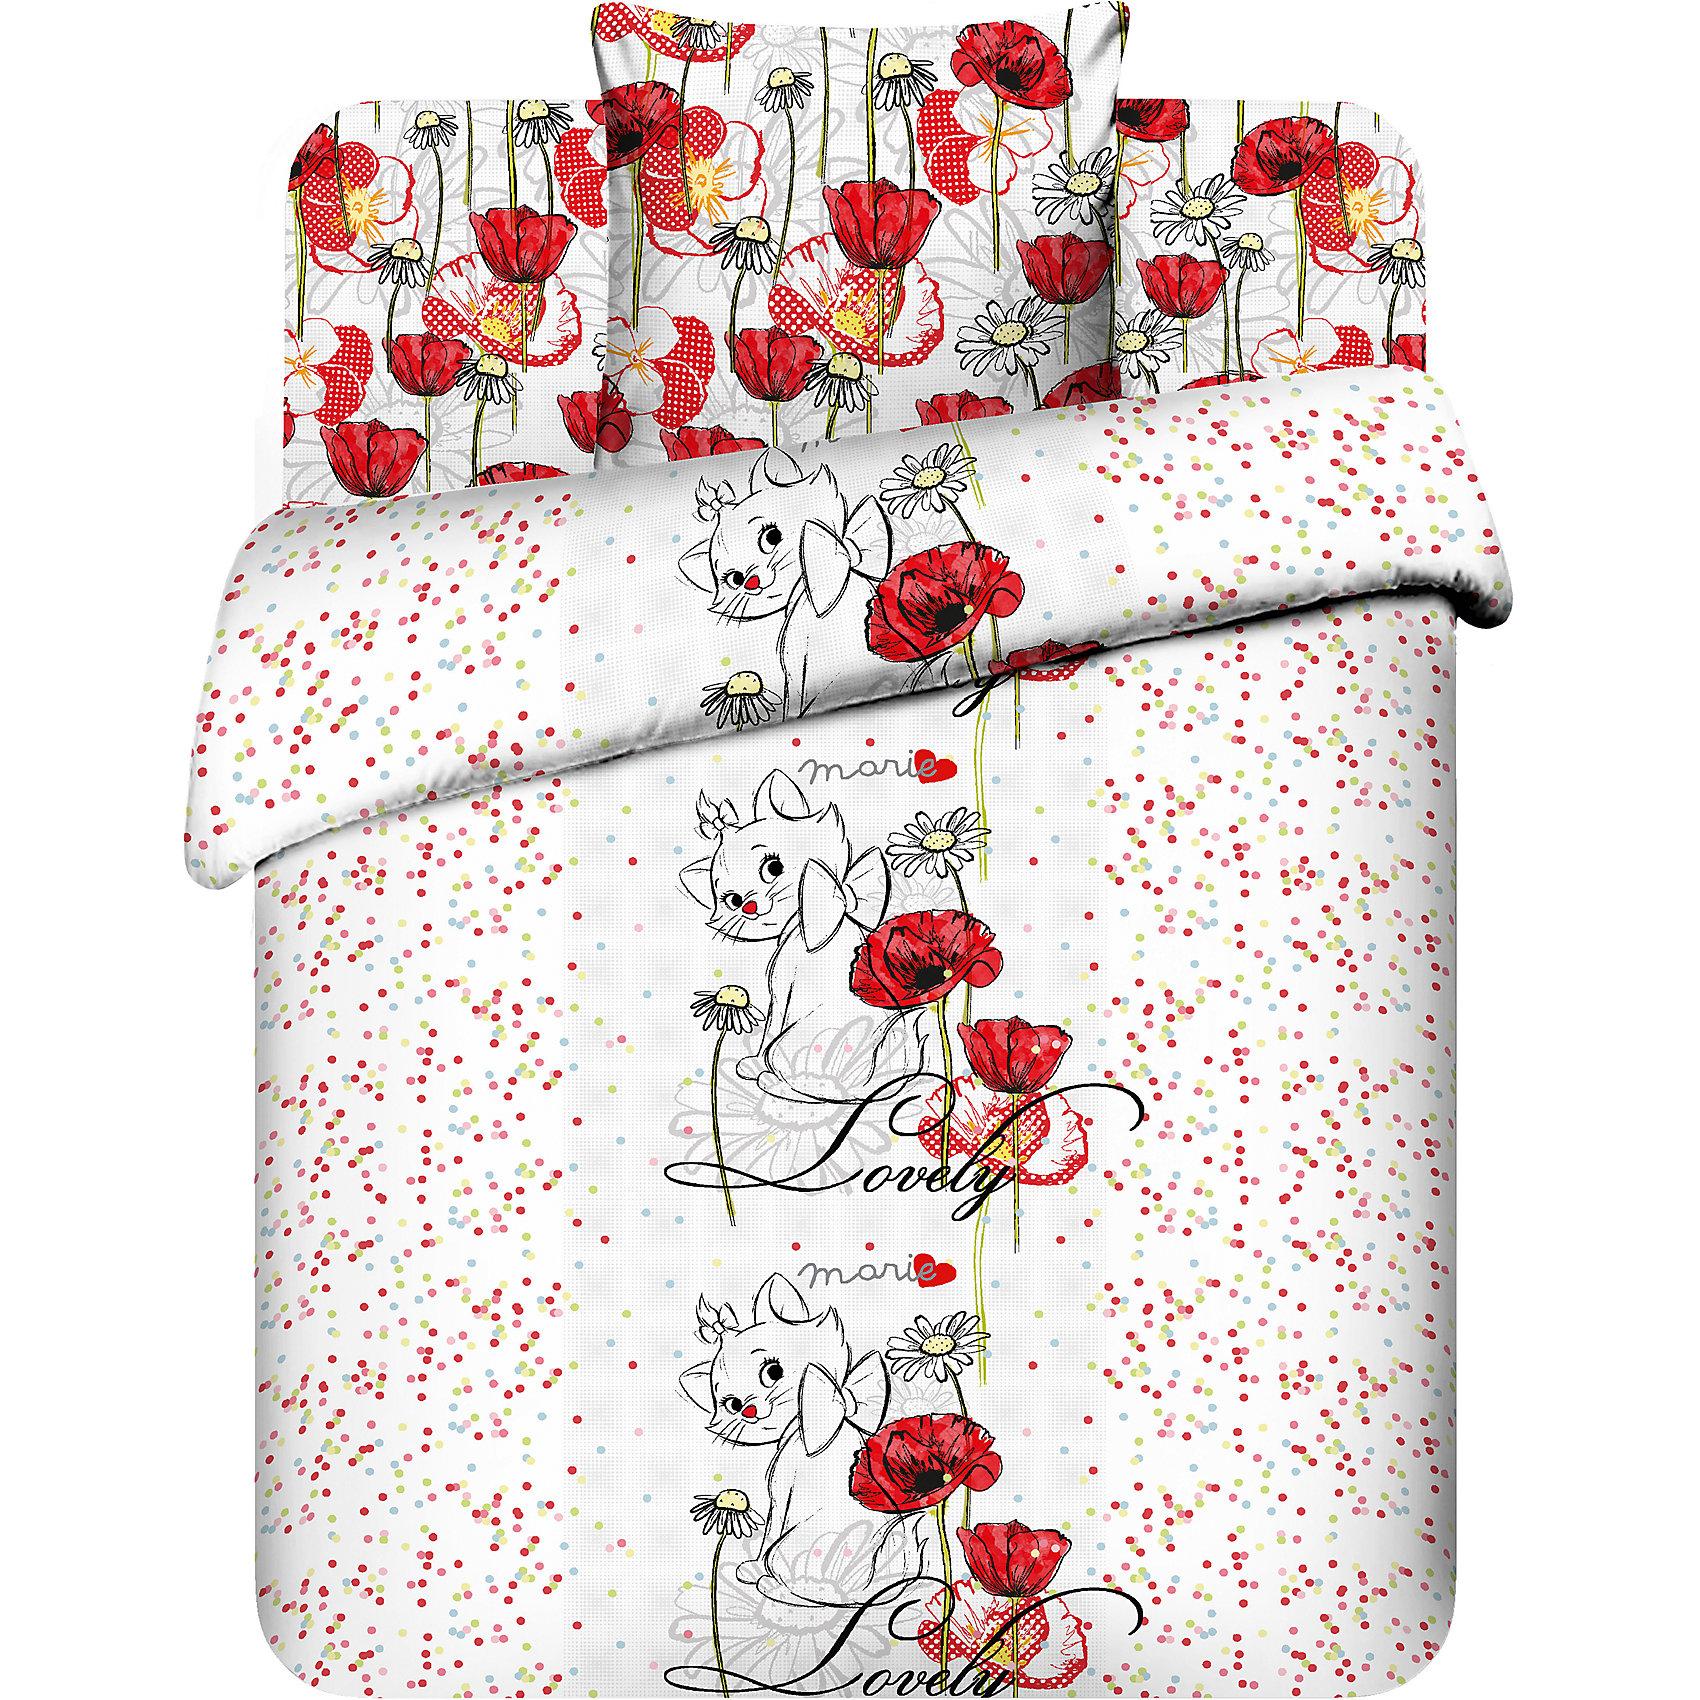 Постельное белье 1,5 сп. Очаровательная Мари Дисней поплин (нав.70х70), Твой стильДомашний текстиль<br>Постельное белье 1,5 сп. Очаровательная Мари Дисней поплин (нав.70х70), Твой стиль<br><br>Характеристики:<br><br>• практичное и износостойкое постельное белье<br>• пропускает воздух, позволяя коже дышать<br>• интересный дизайн с любимыми персонажами<br>• в комплекте: простыня, наволочка, пододеяльник<br>• материал: поплин (хлопок)<br>• размер простыни: 150х214 см<br>• размер наволочки: 70х70 см<br>• размер пододеяльника: 145х215 см<br><br>Постельное белье из поплина - гарантия комфортного сна ребенка. Как известно, поплин - это бязь в европейском варианте. Он пропускает воздух, позволяет коже дышать и впитывает лишнюю влагу. Кроме того, белье не изнашивается и сохраняет свой вид даже после стирок. Комплект декорирован приятным изображением любимой кошечки из мультфильма. С таким бельем ребенок с радостью отправится в мир сладких снов!<br><br>Постельное белье 1,5 сп. Очаровательная Мари Дисней поплин (нав.70х70), Твой стиль можно купить в нашем интернет-магазине.<br><br>Ширина мм: 280<br>Глубина мм: 60<br>Высота мм: 280<br>Вес г: 1390<br>Возраст от месяцев: 84<br>Возраст до месяцев: 216<br>Пол: Женский<br>Возраст: Детский<br>SKU: 5436723